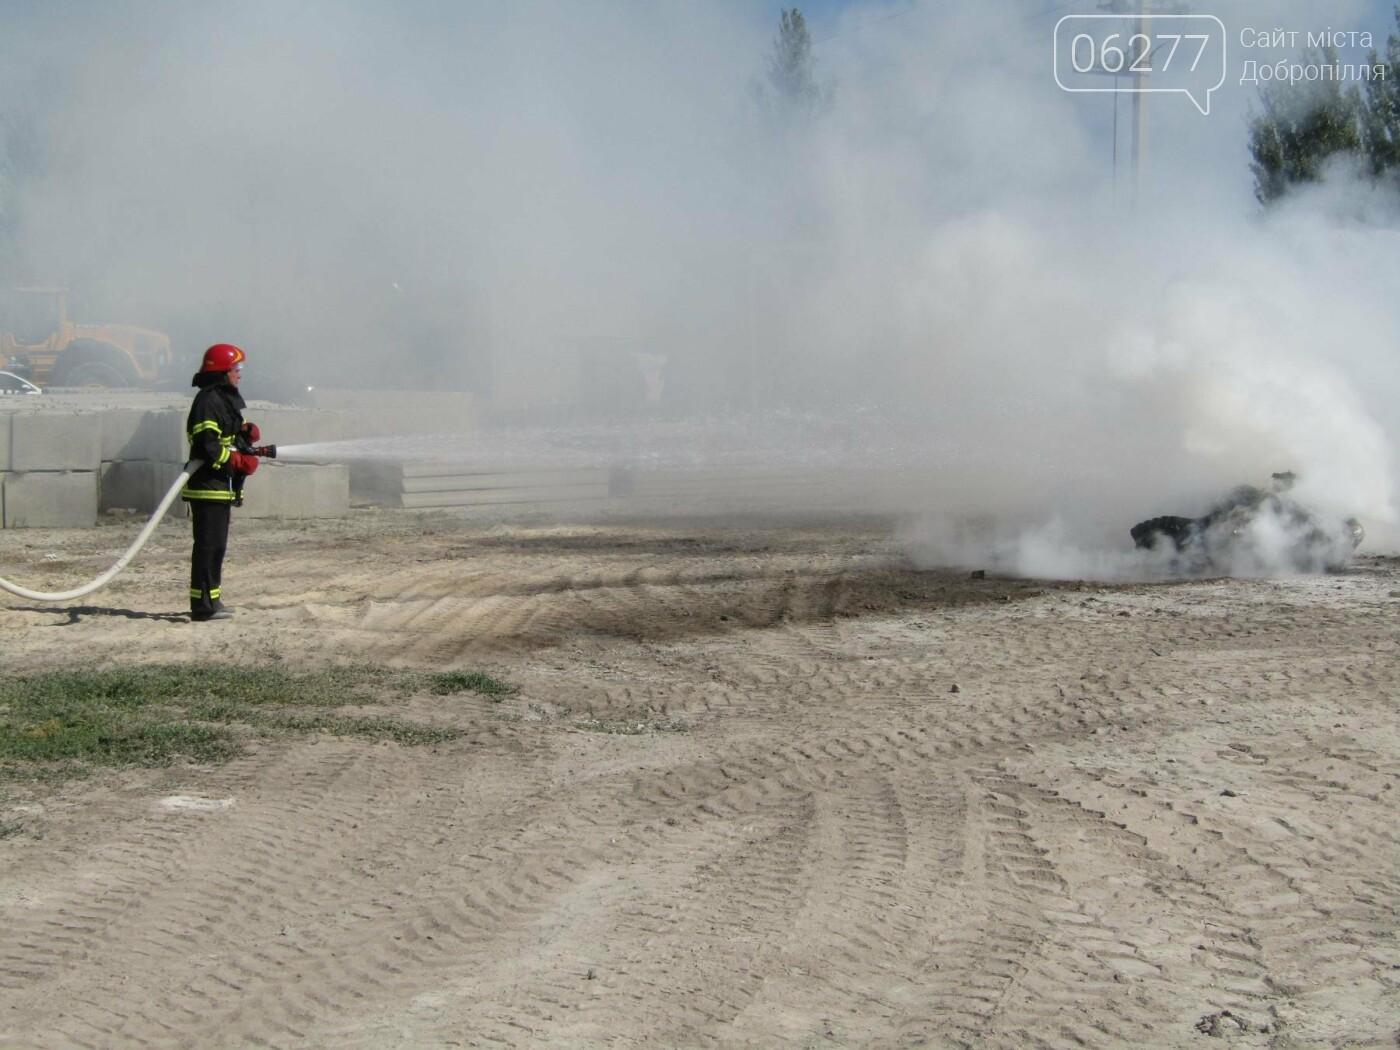 Рятувальники Добропілля ліквідували умовну пожежу, фото-1